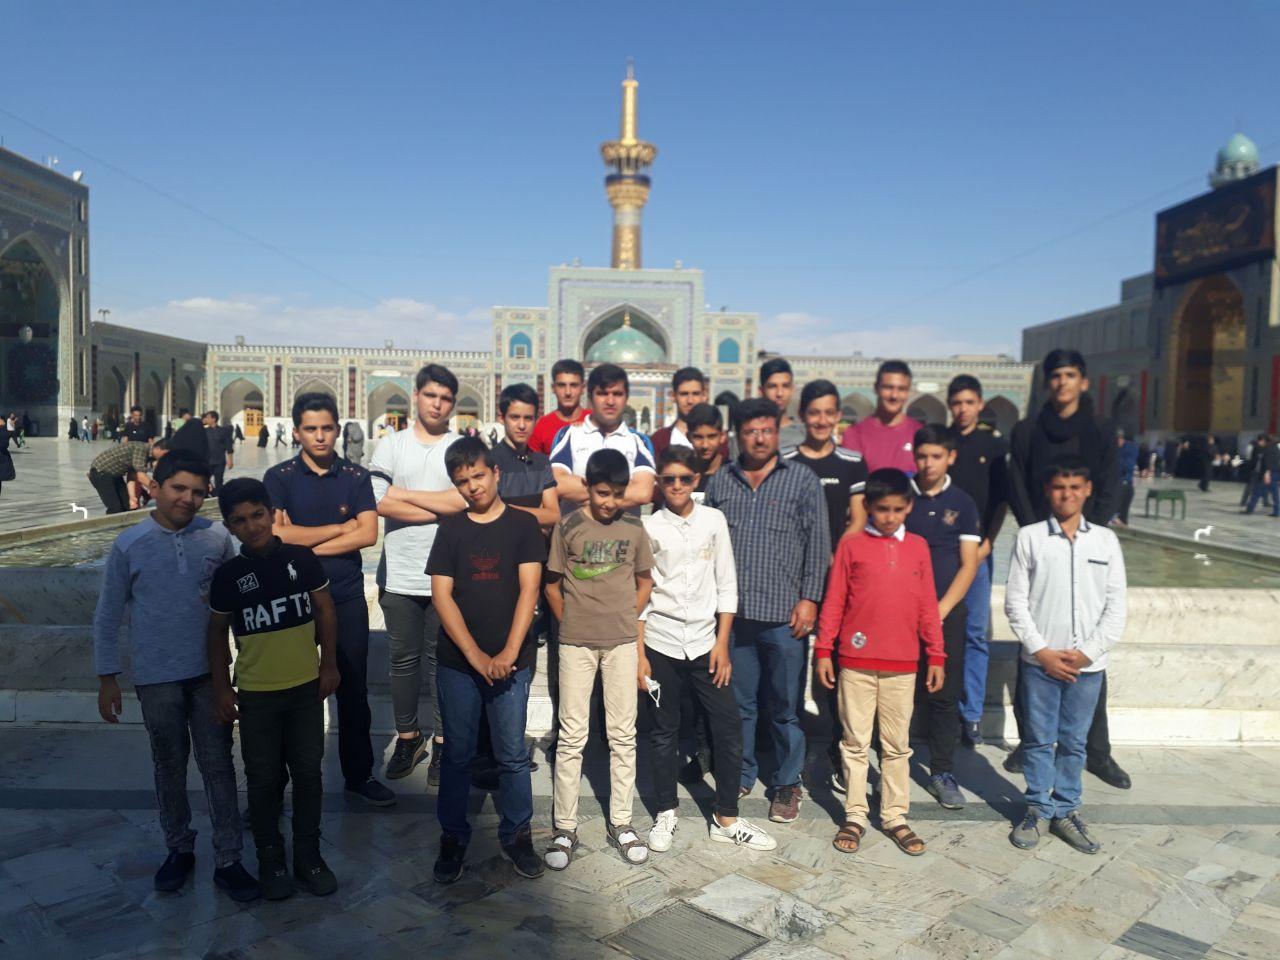 اردوی سیاحتی و زیارتی تفریحی بازیکنان باشگاه تخصصی والیبال ثامن فاروج به مشهد مقدس